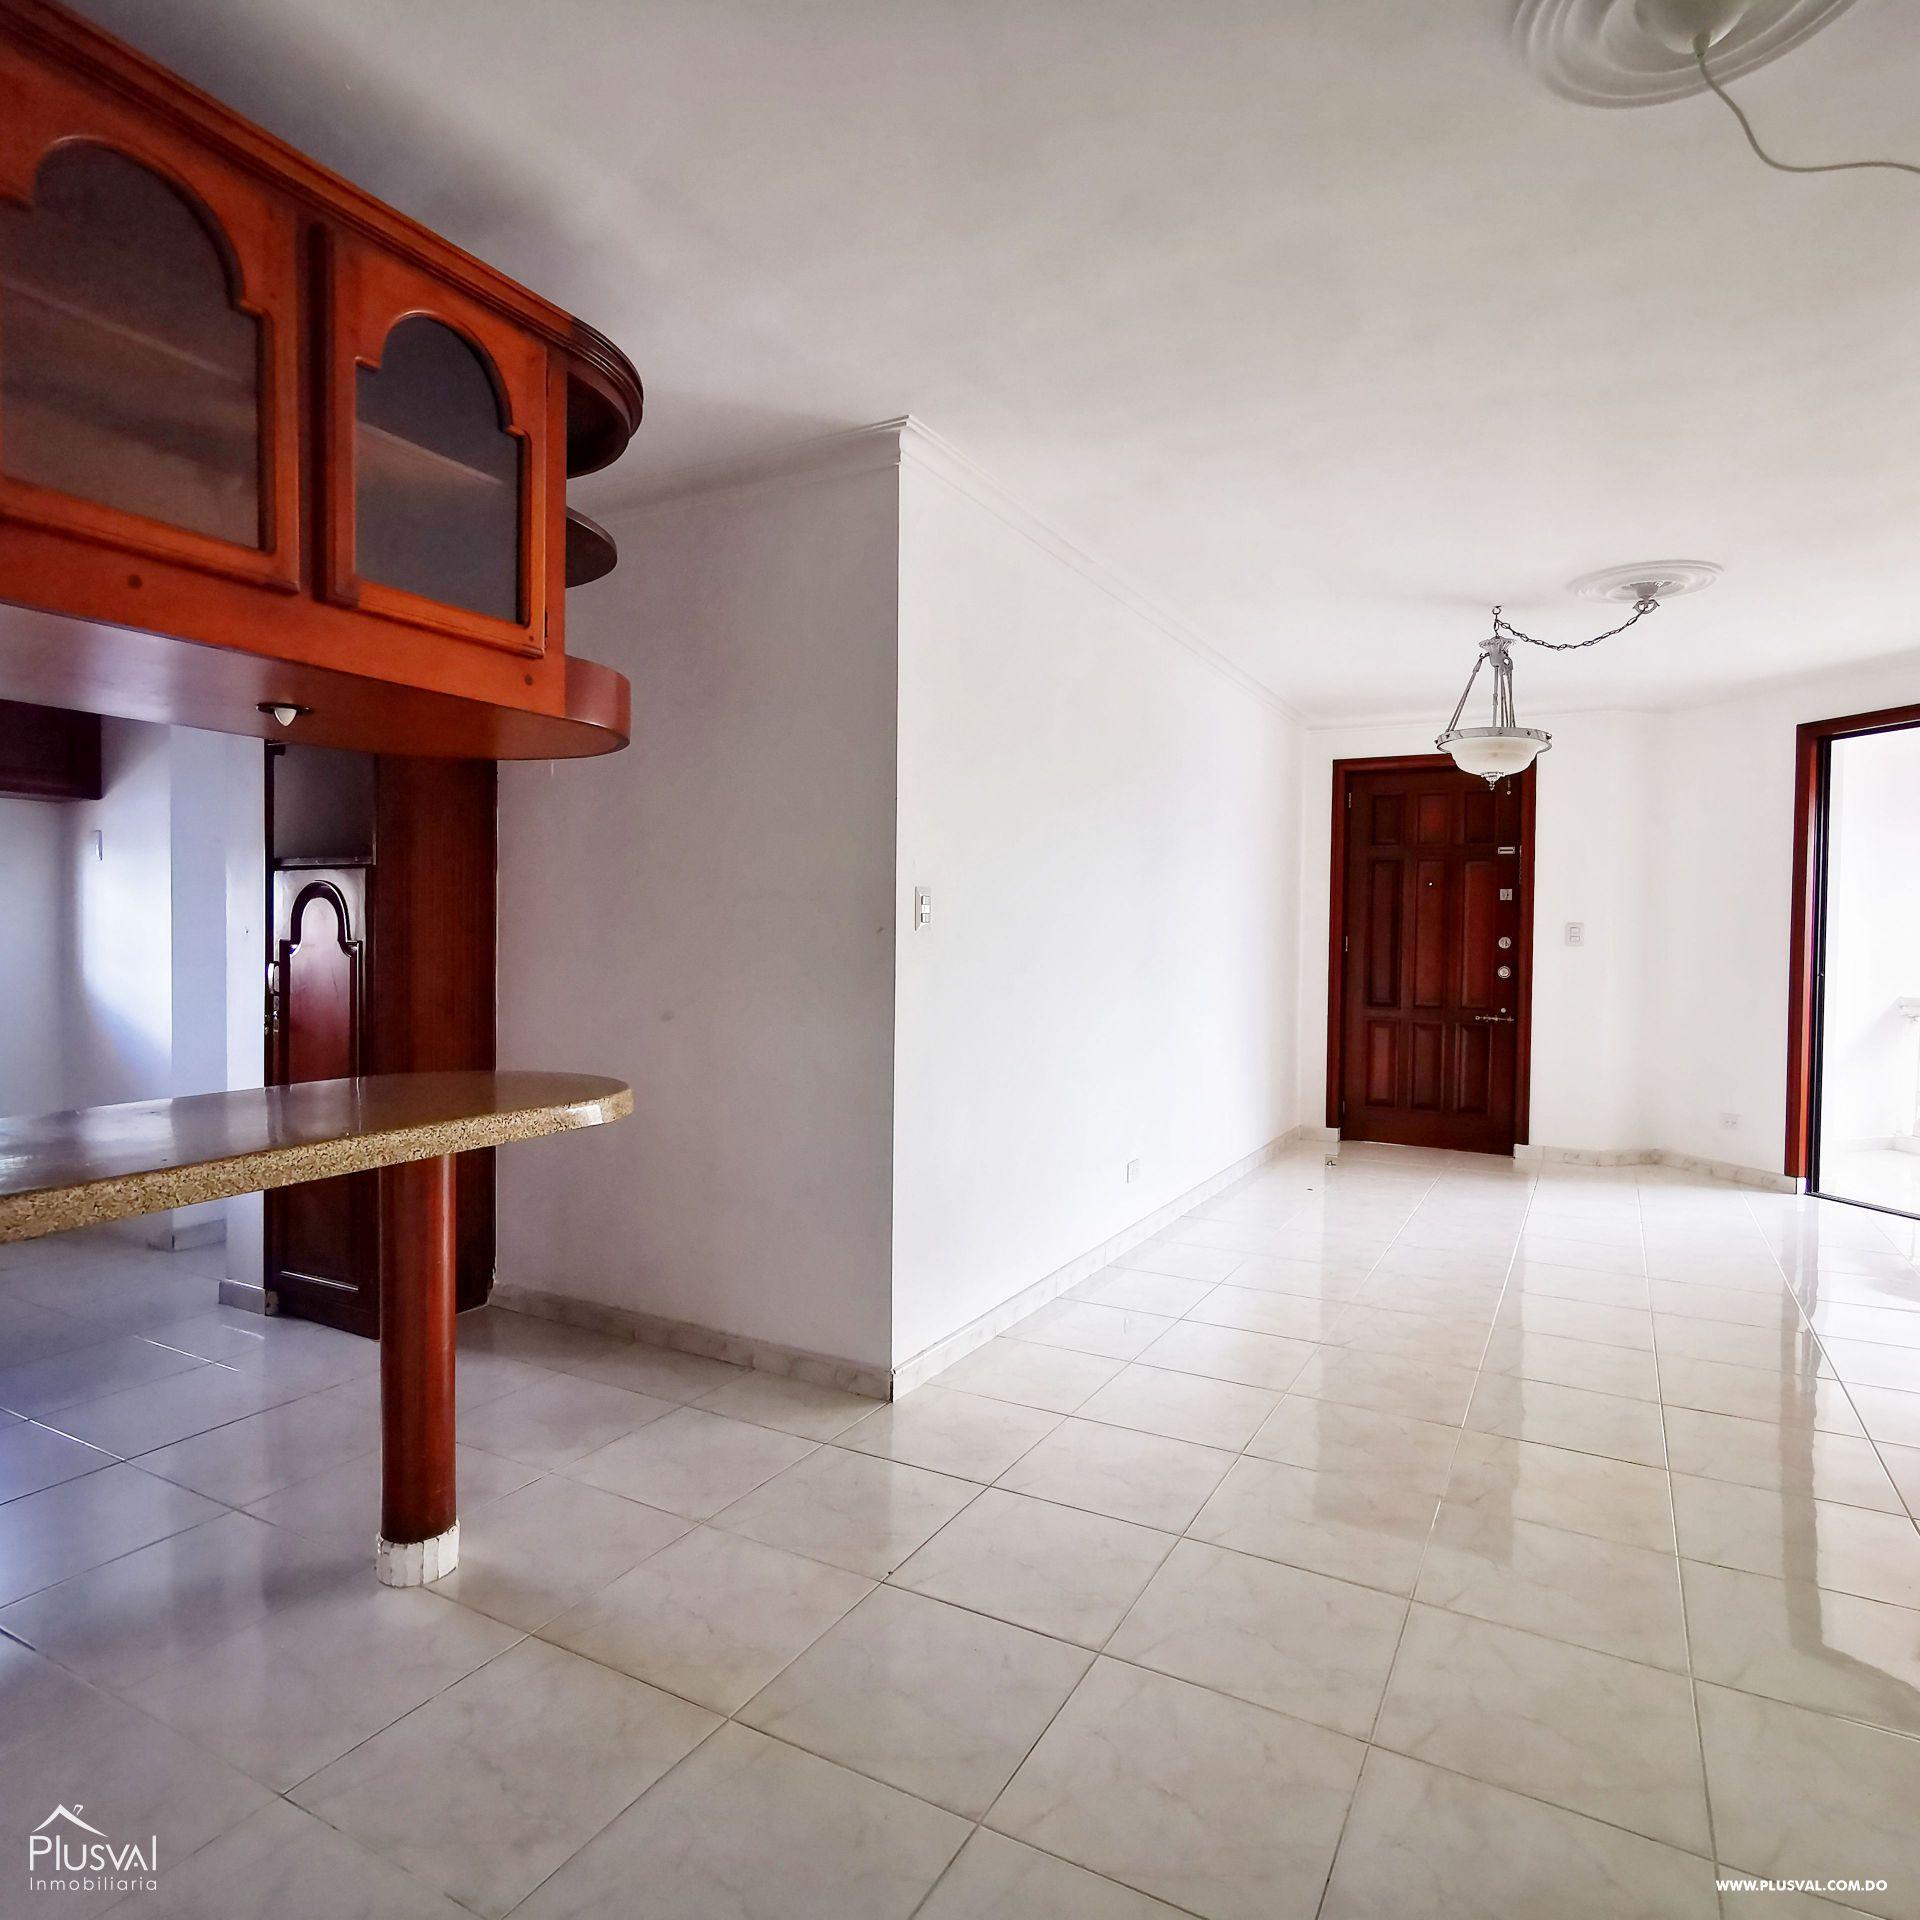 Apartamento en Alquiler 3 Habitaciones Amplio y bien localizado en Arroyo Hondo Viejo